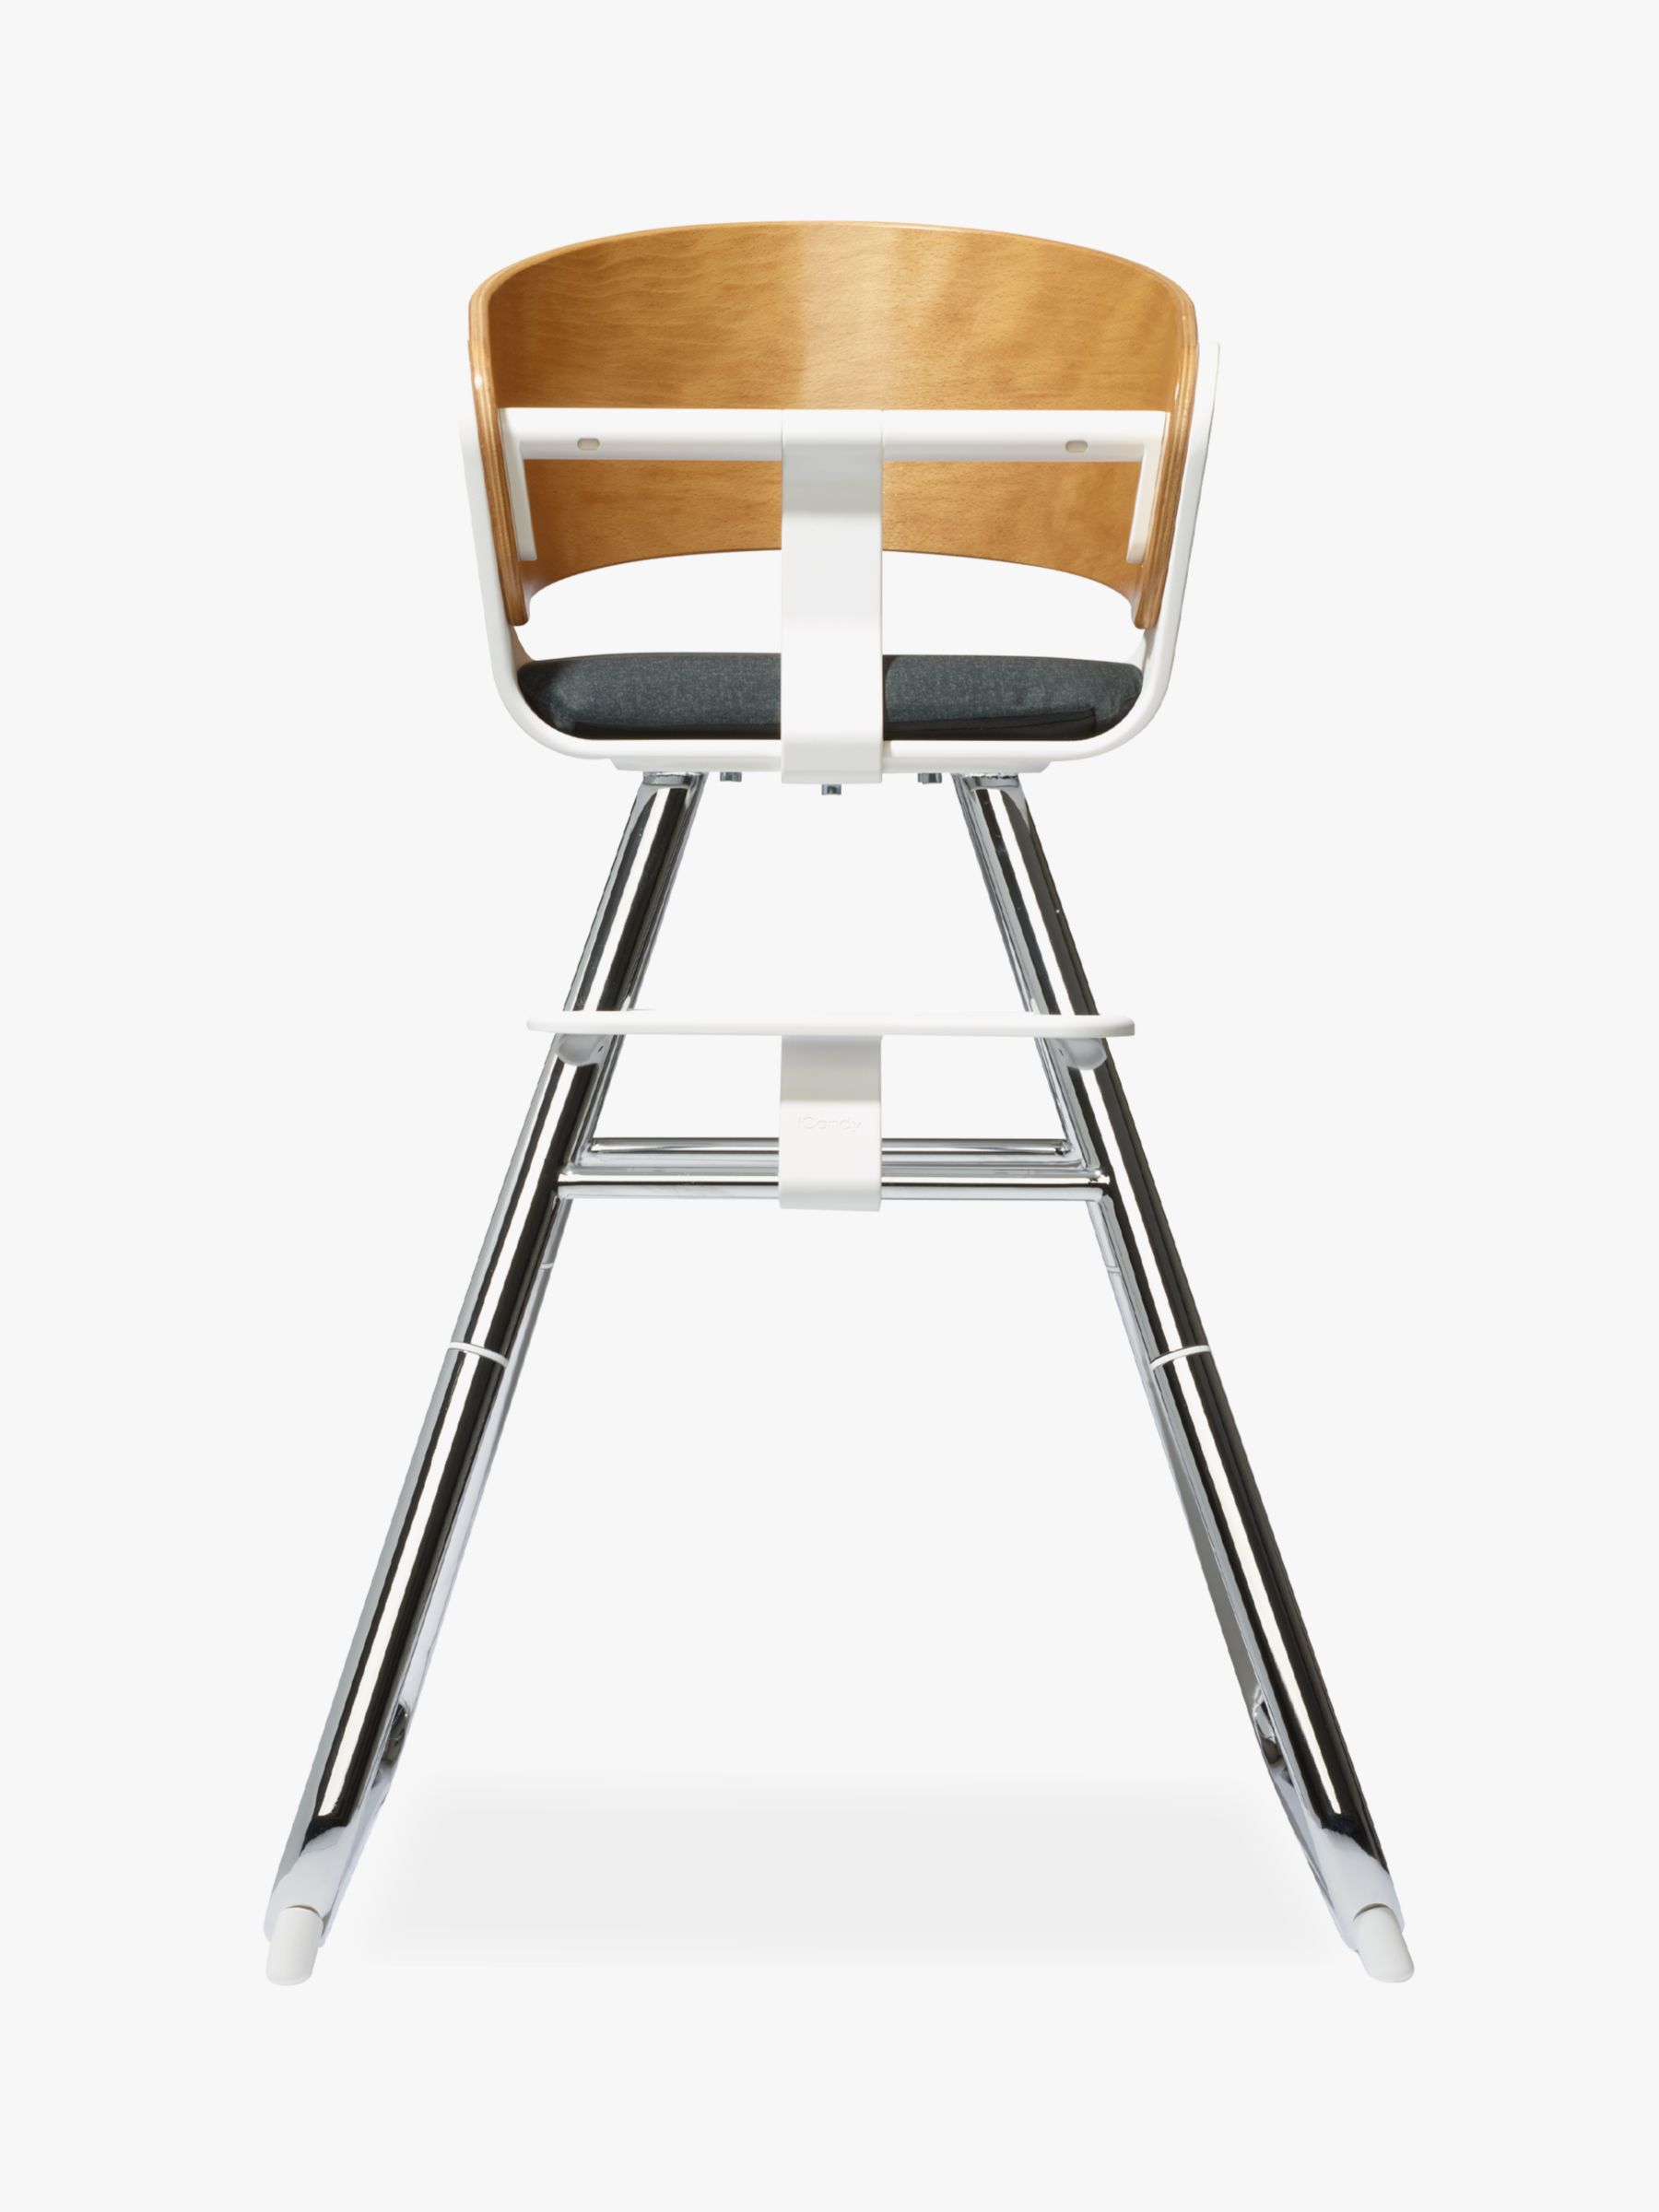 Beech and Birch iCandy Mi-Chair Rocker Feet